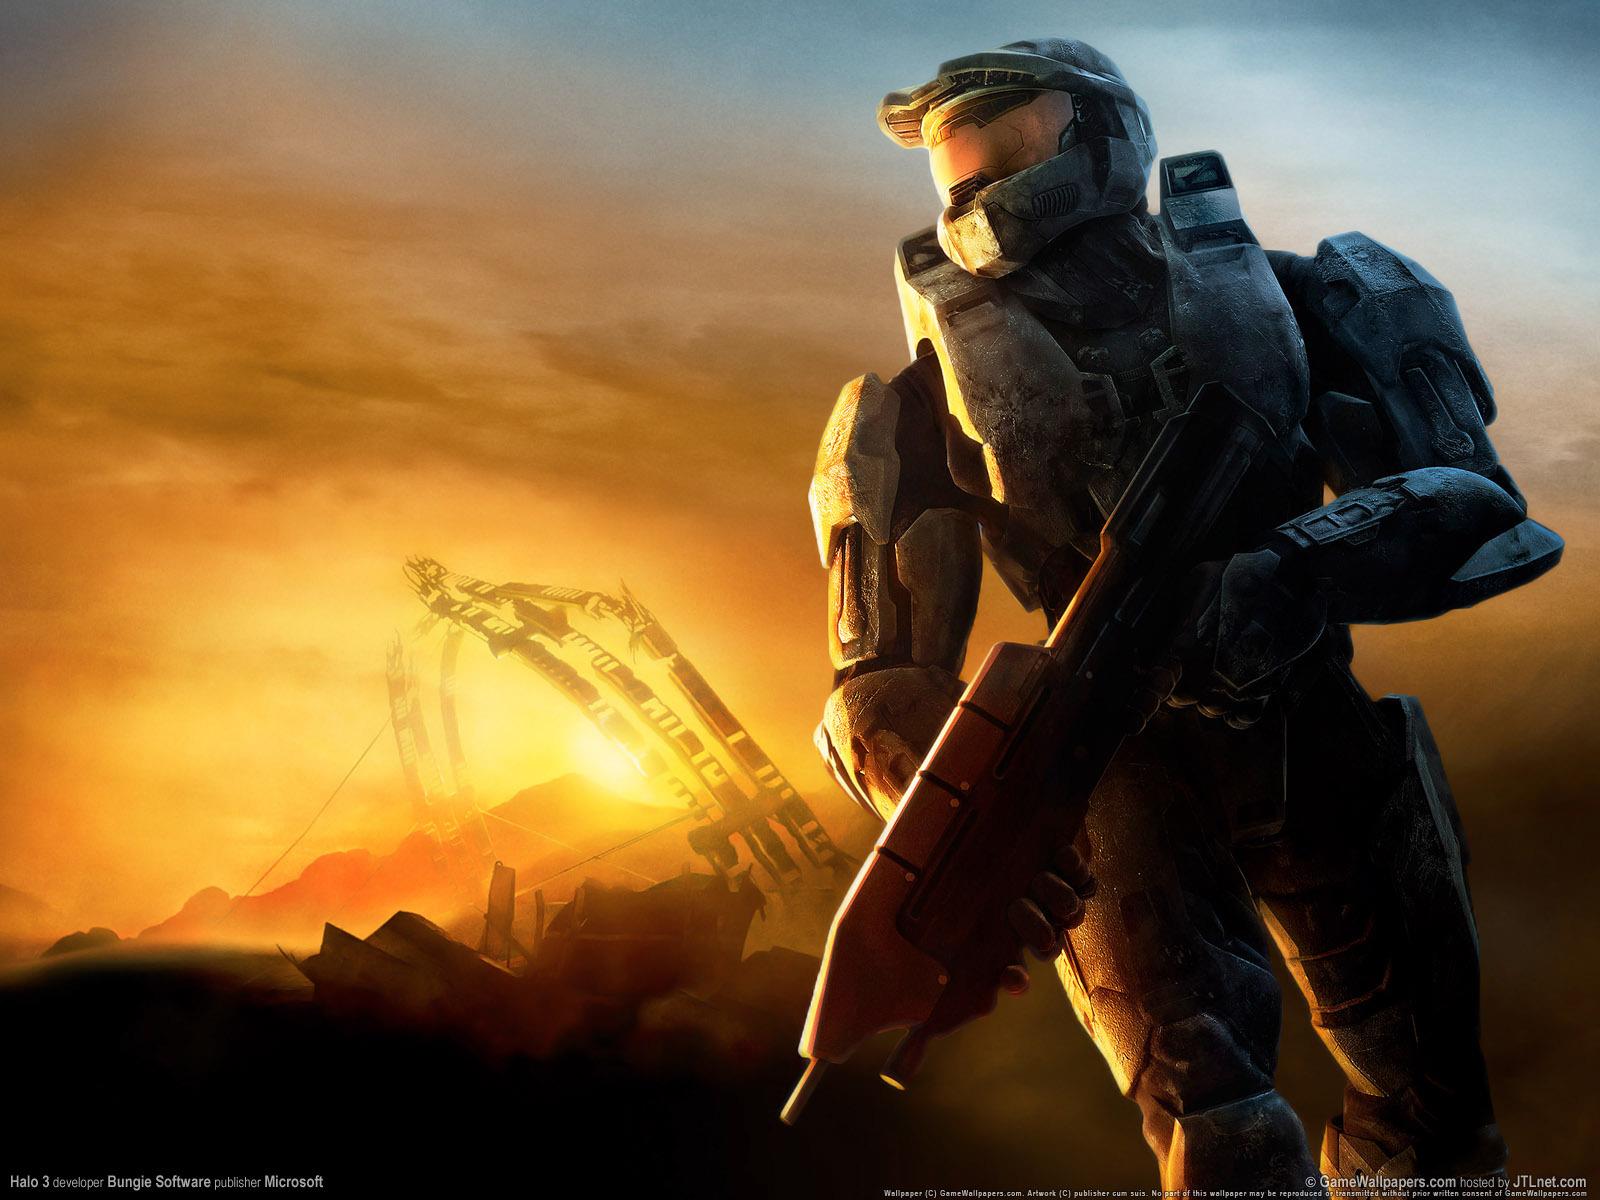 Скачать картинку Halo, Игры в телефон бесплатно.